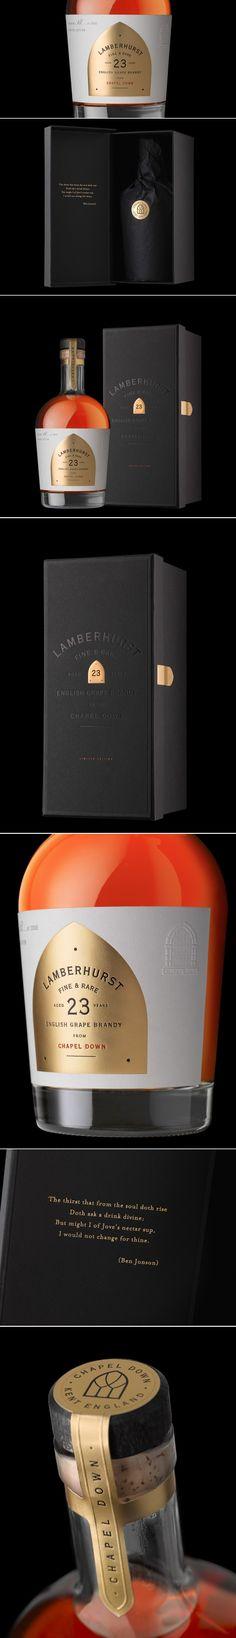 Lamberhurst — The Dieline | Packaging & Branding Design & Innovation News